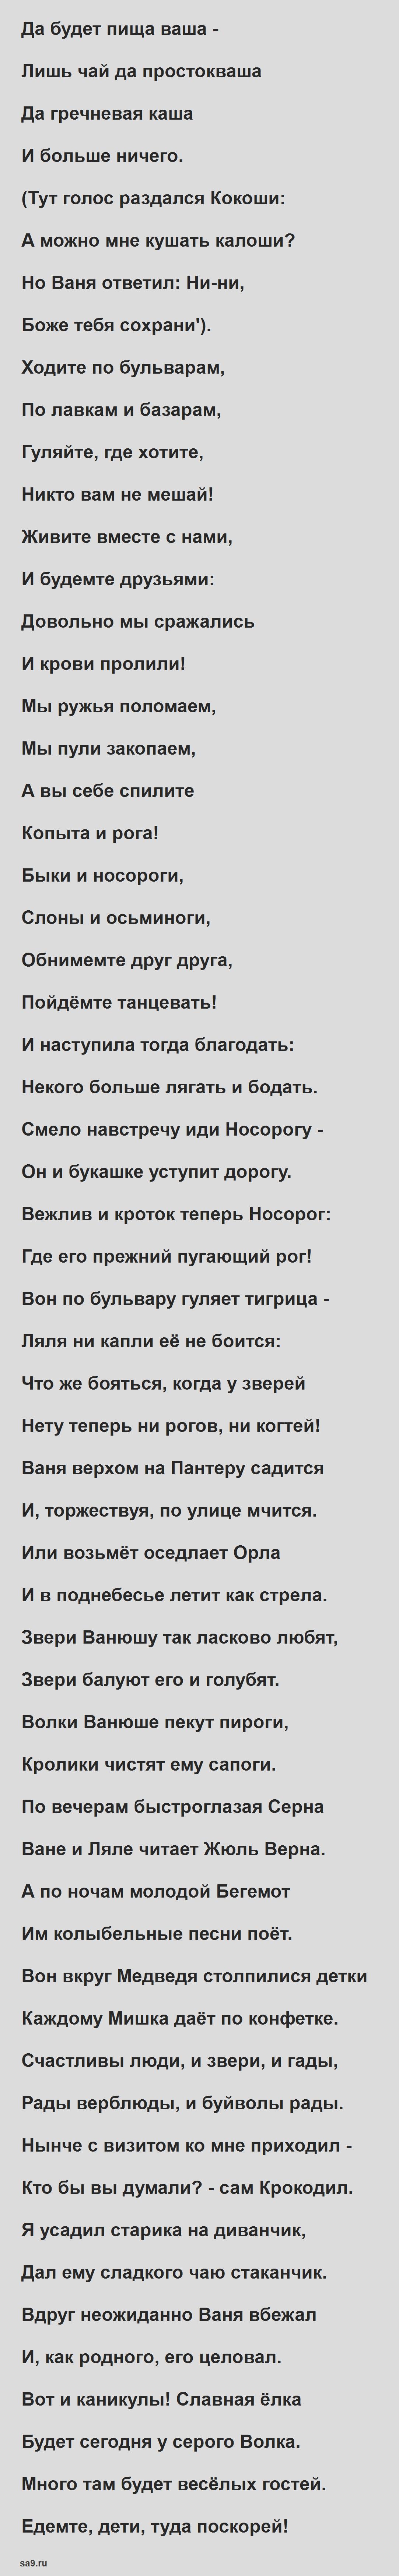 Сказка Чуковского 'Крокодил', полностью